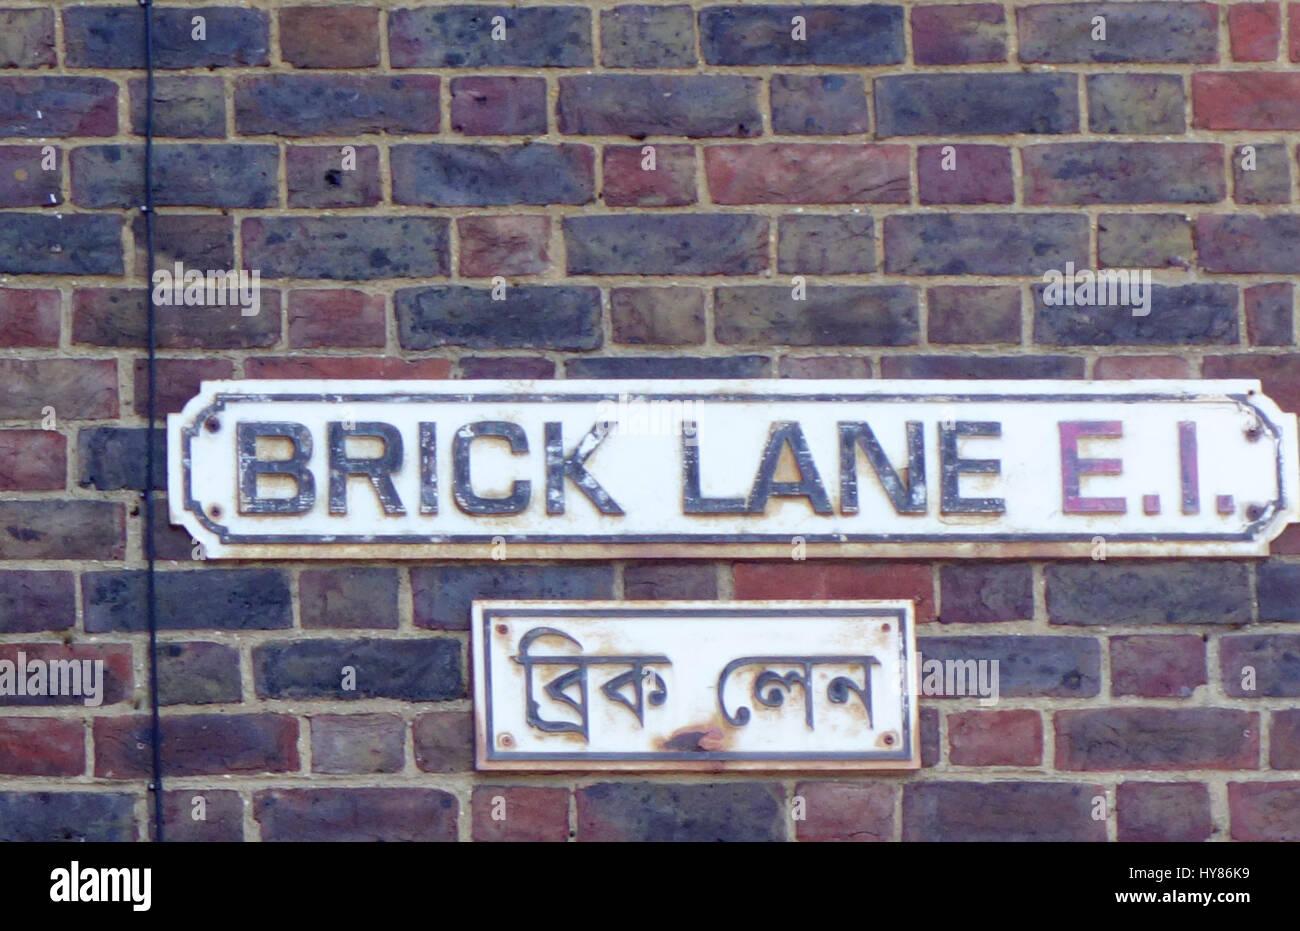 Brick Lane sign, London, England, UK Stock Photo